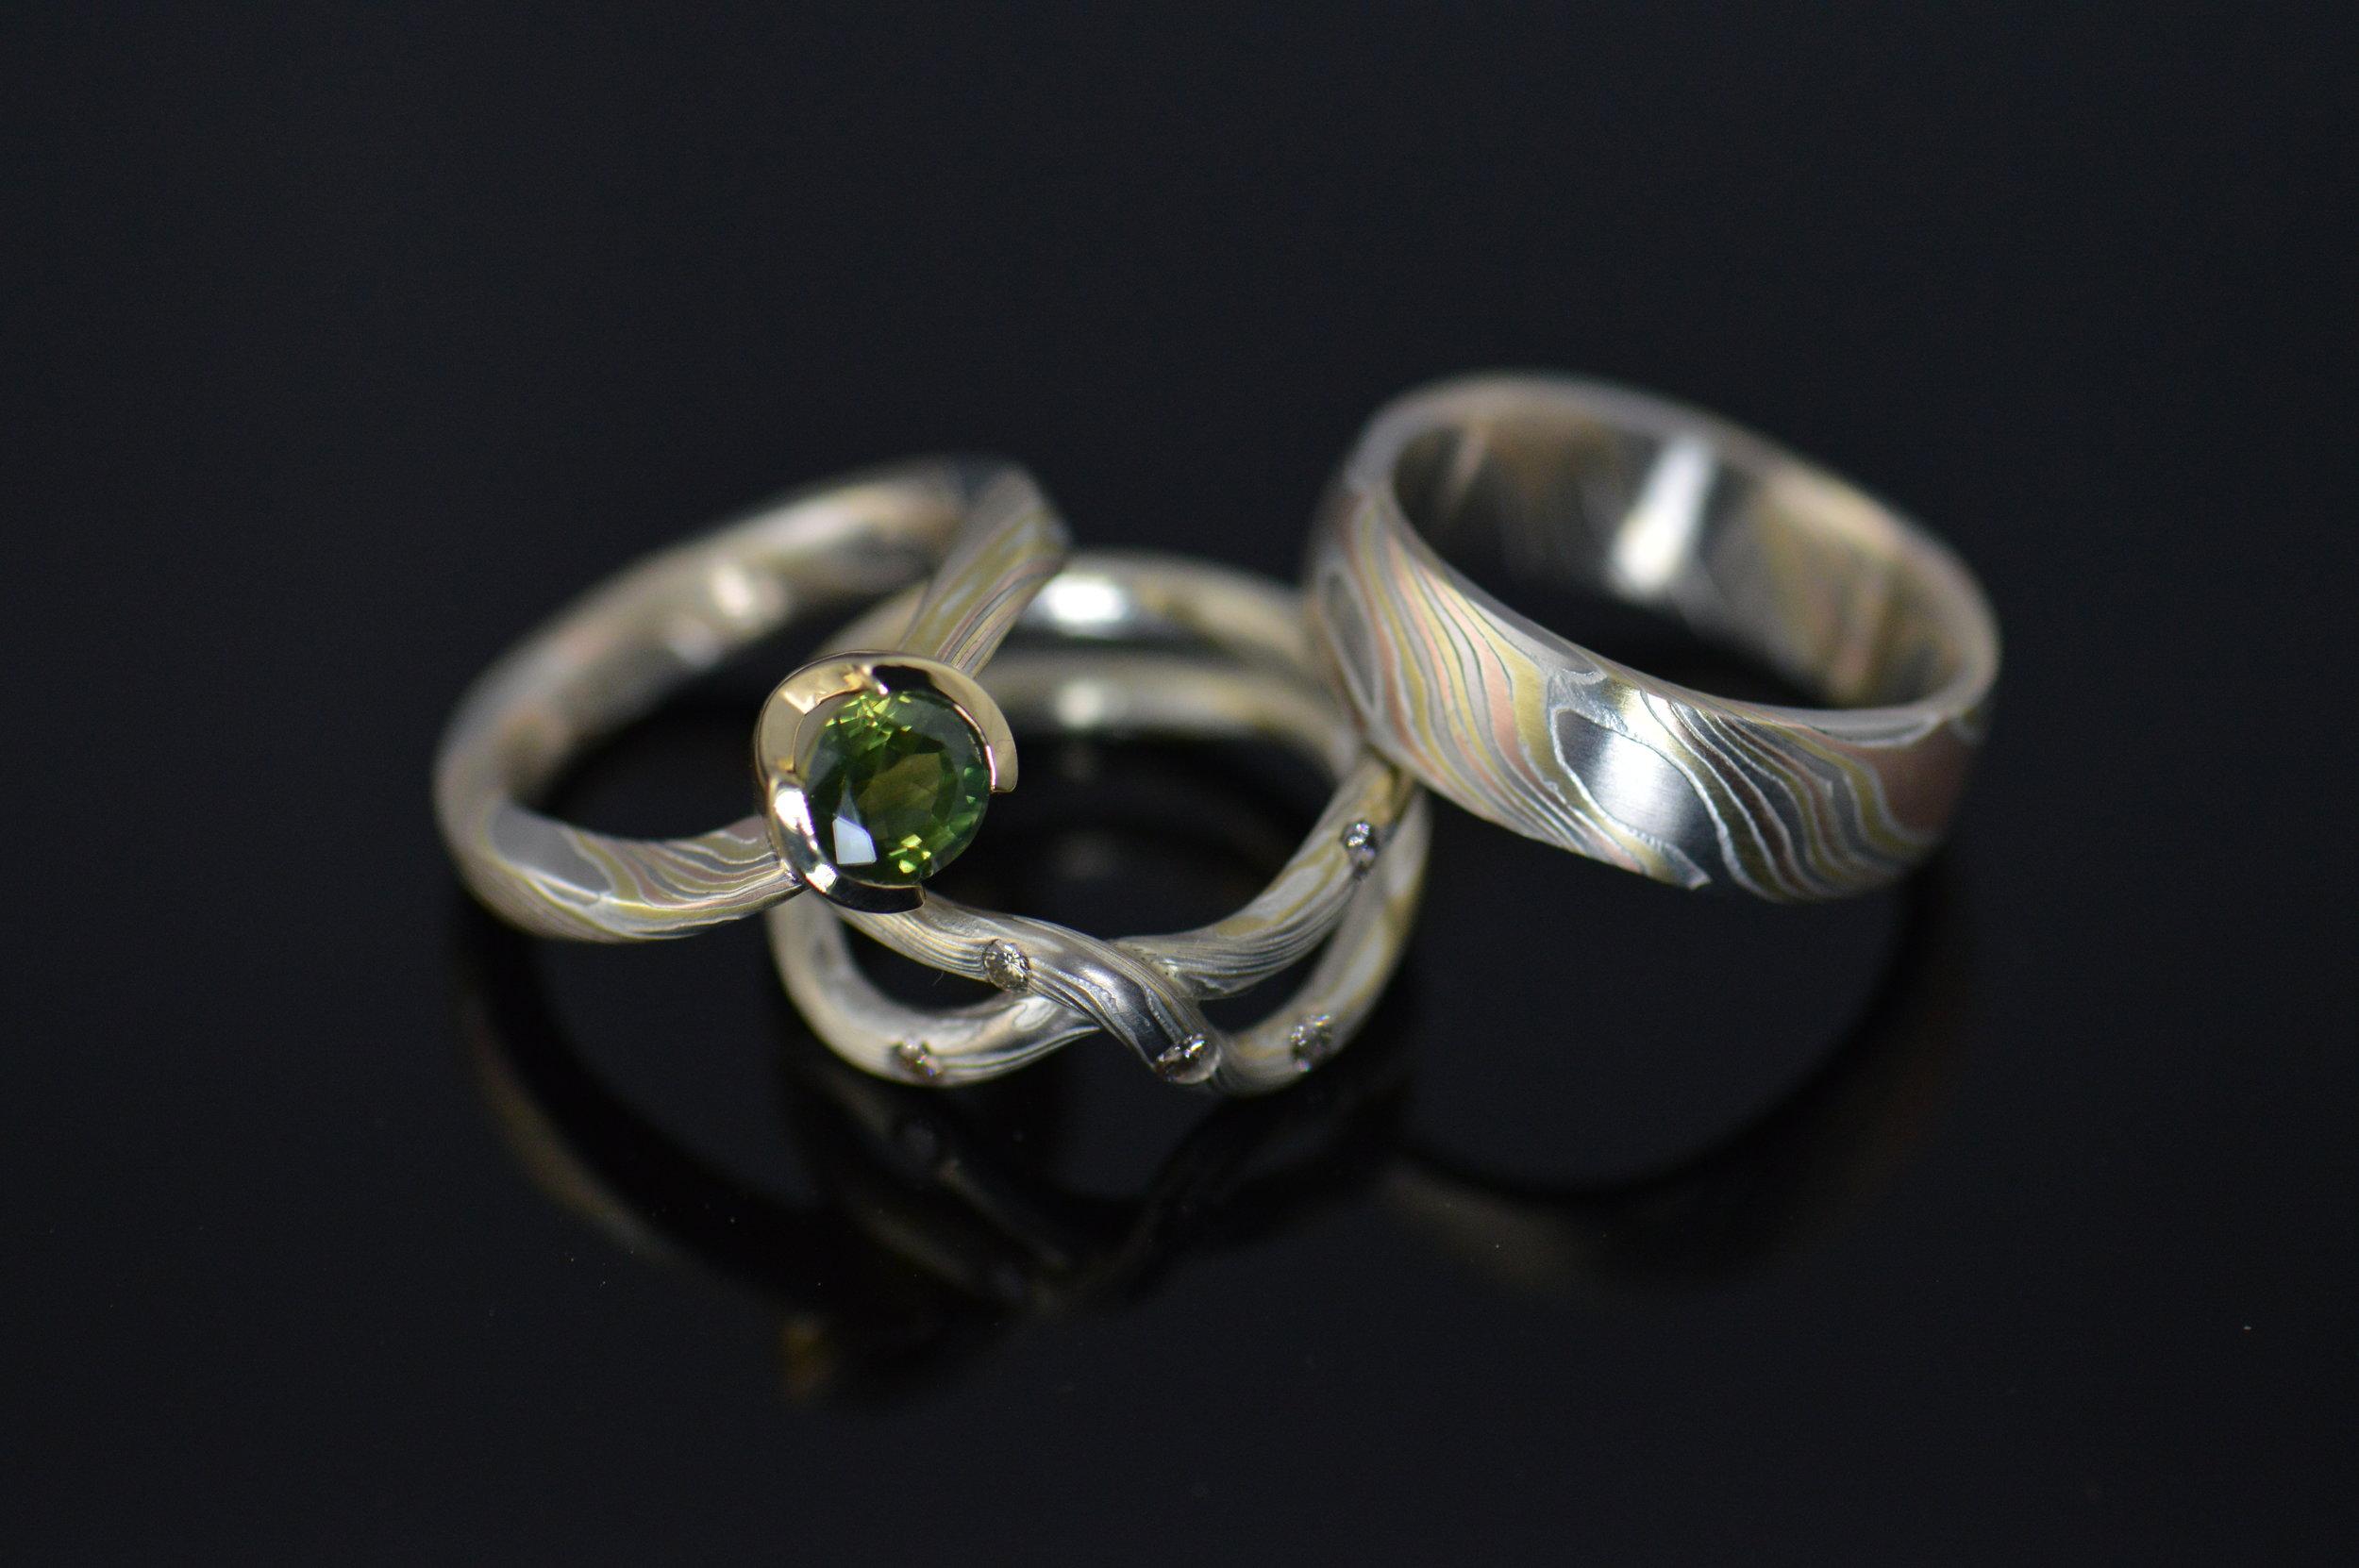 darvier-hand-forged-tri-gold-18k-green-sapphire-wedding-set.JPG